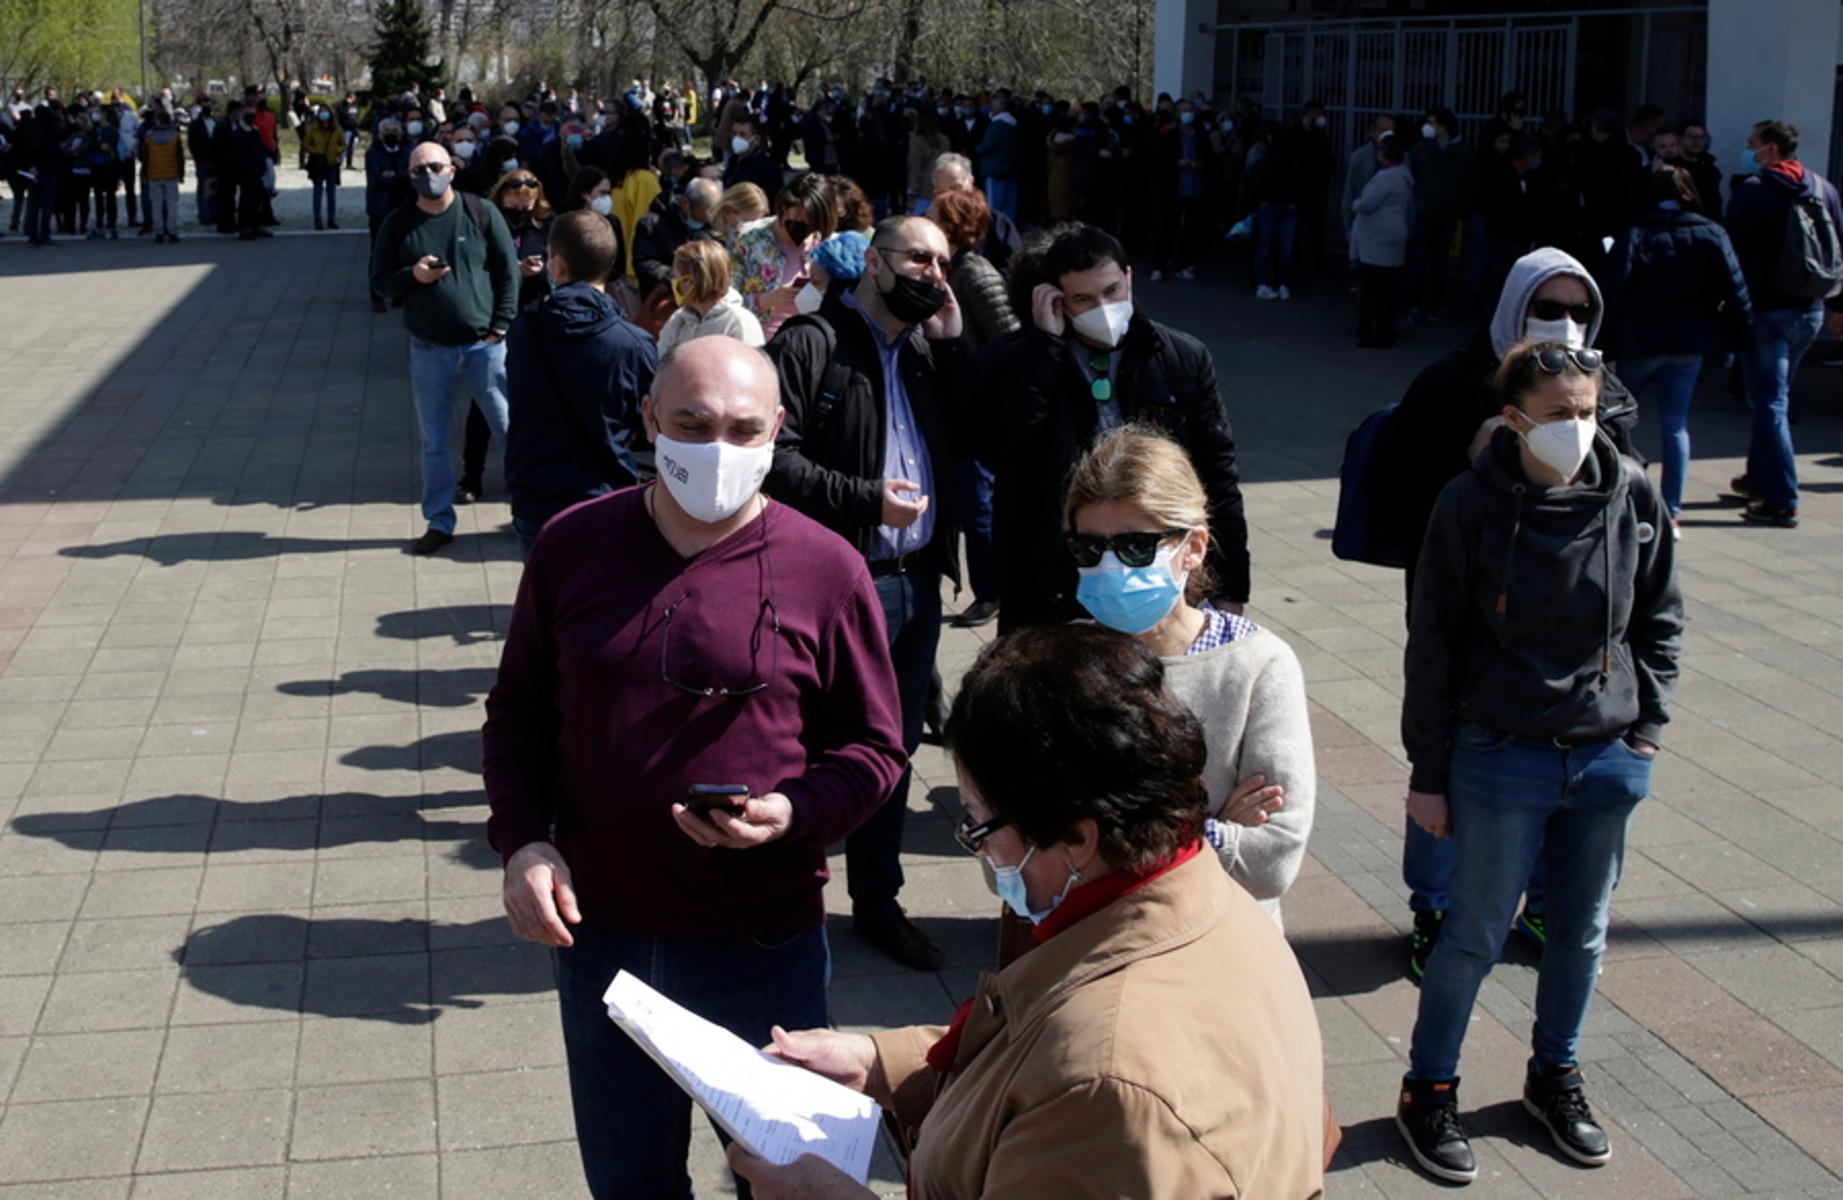 Σερβία – κορονοϊός: «Εισβολή» από πολίτες των δυτικών Βαλκανίων που θέλουν να εμβολιαστούν